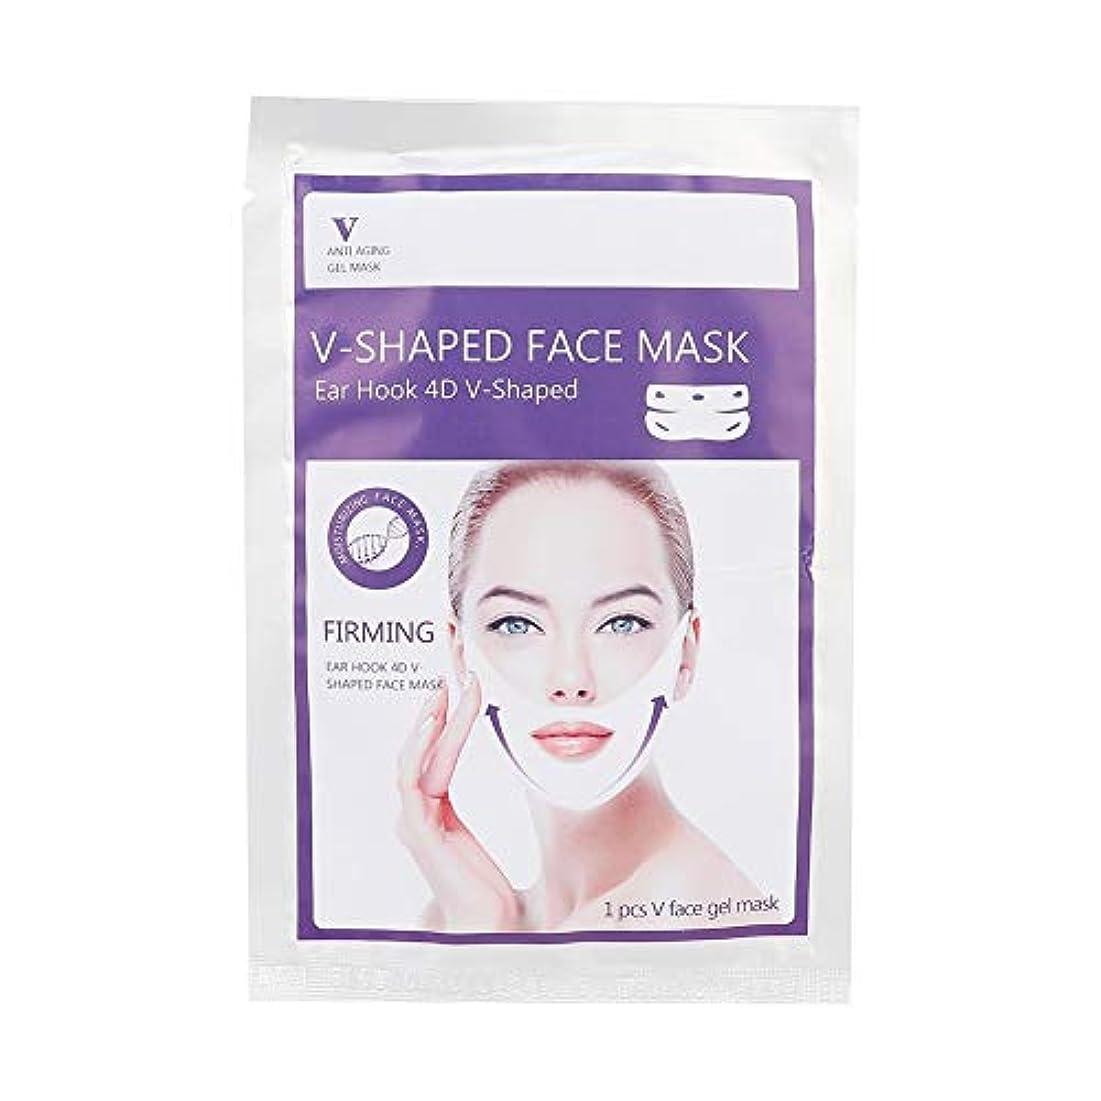 サーフィン合金不利益垂れを解消するために男性と女性のためのリフティングをプロのV字型フェイスマスク、V字型チンマスク+ Vラインネックフェイスリフトマスク+アンチエイジングフェイスをスリム化します。